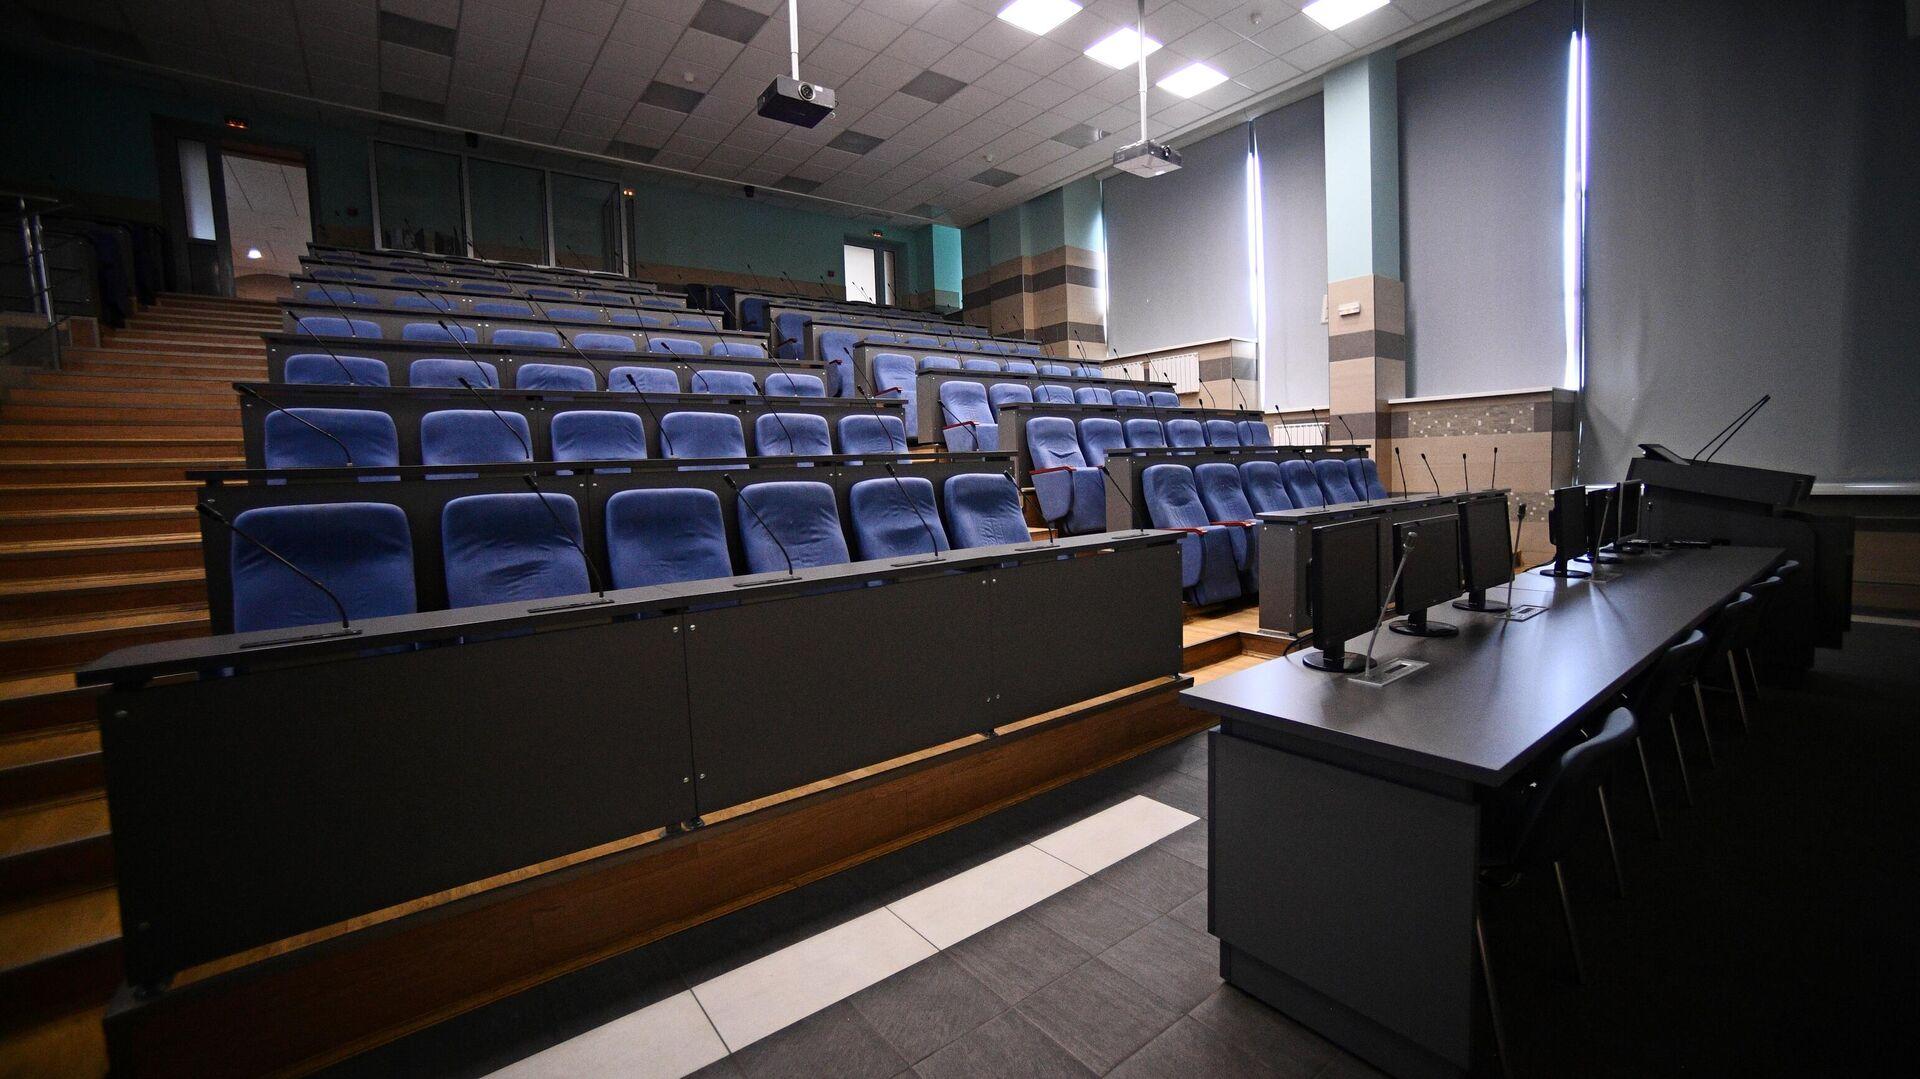 Пустая аудитория Национального исследовательского технологического университета МИСиС - РИА Новости, 1920, 17.11.2020